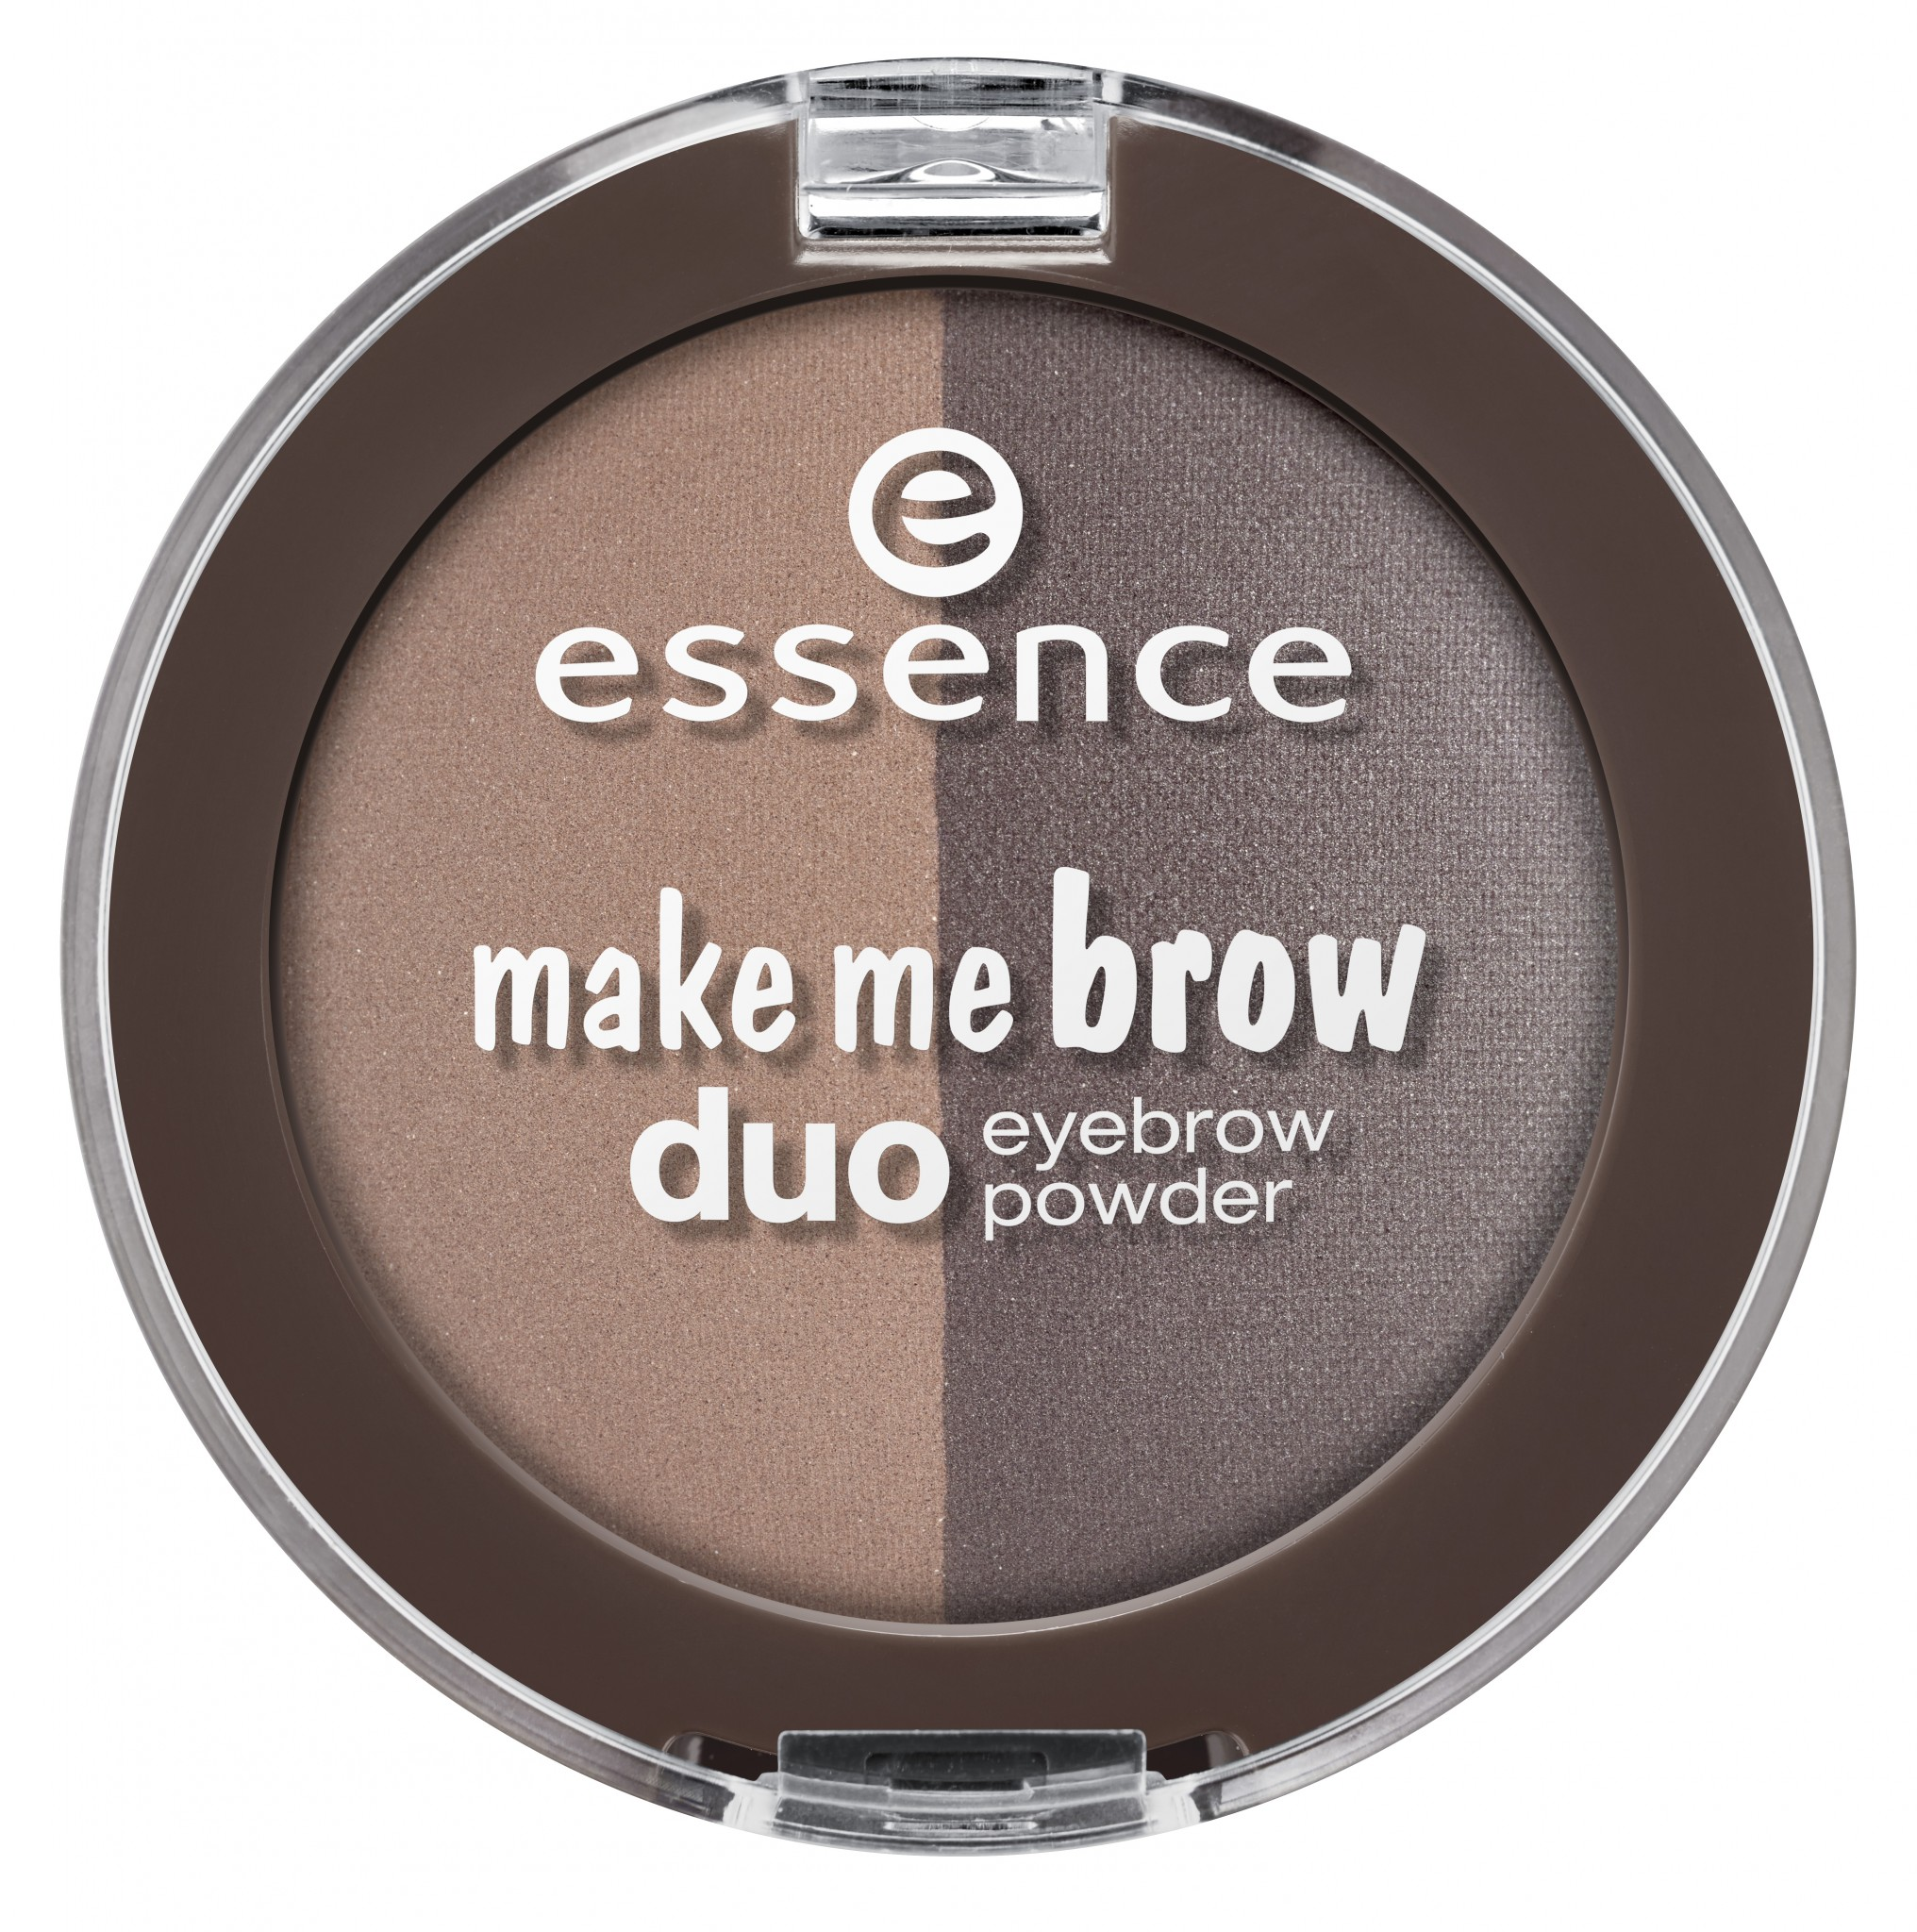 ess_make_me_brow_duo_eyebrow_powder_02